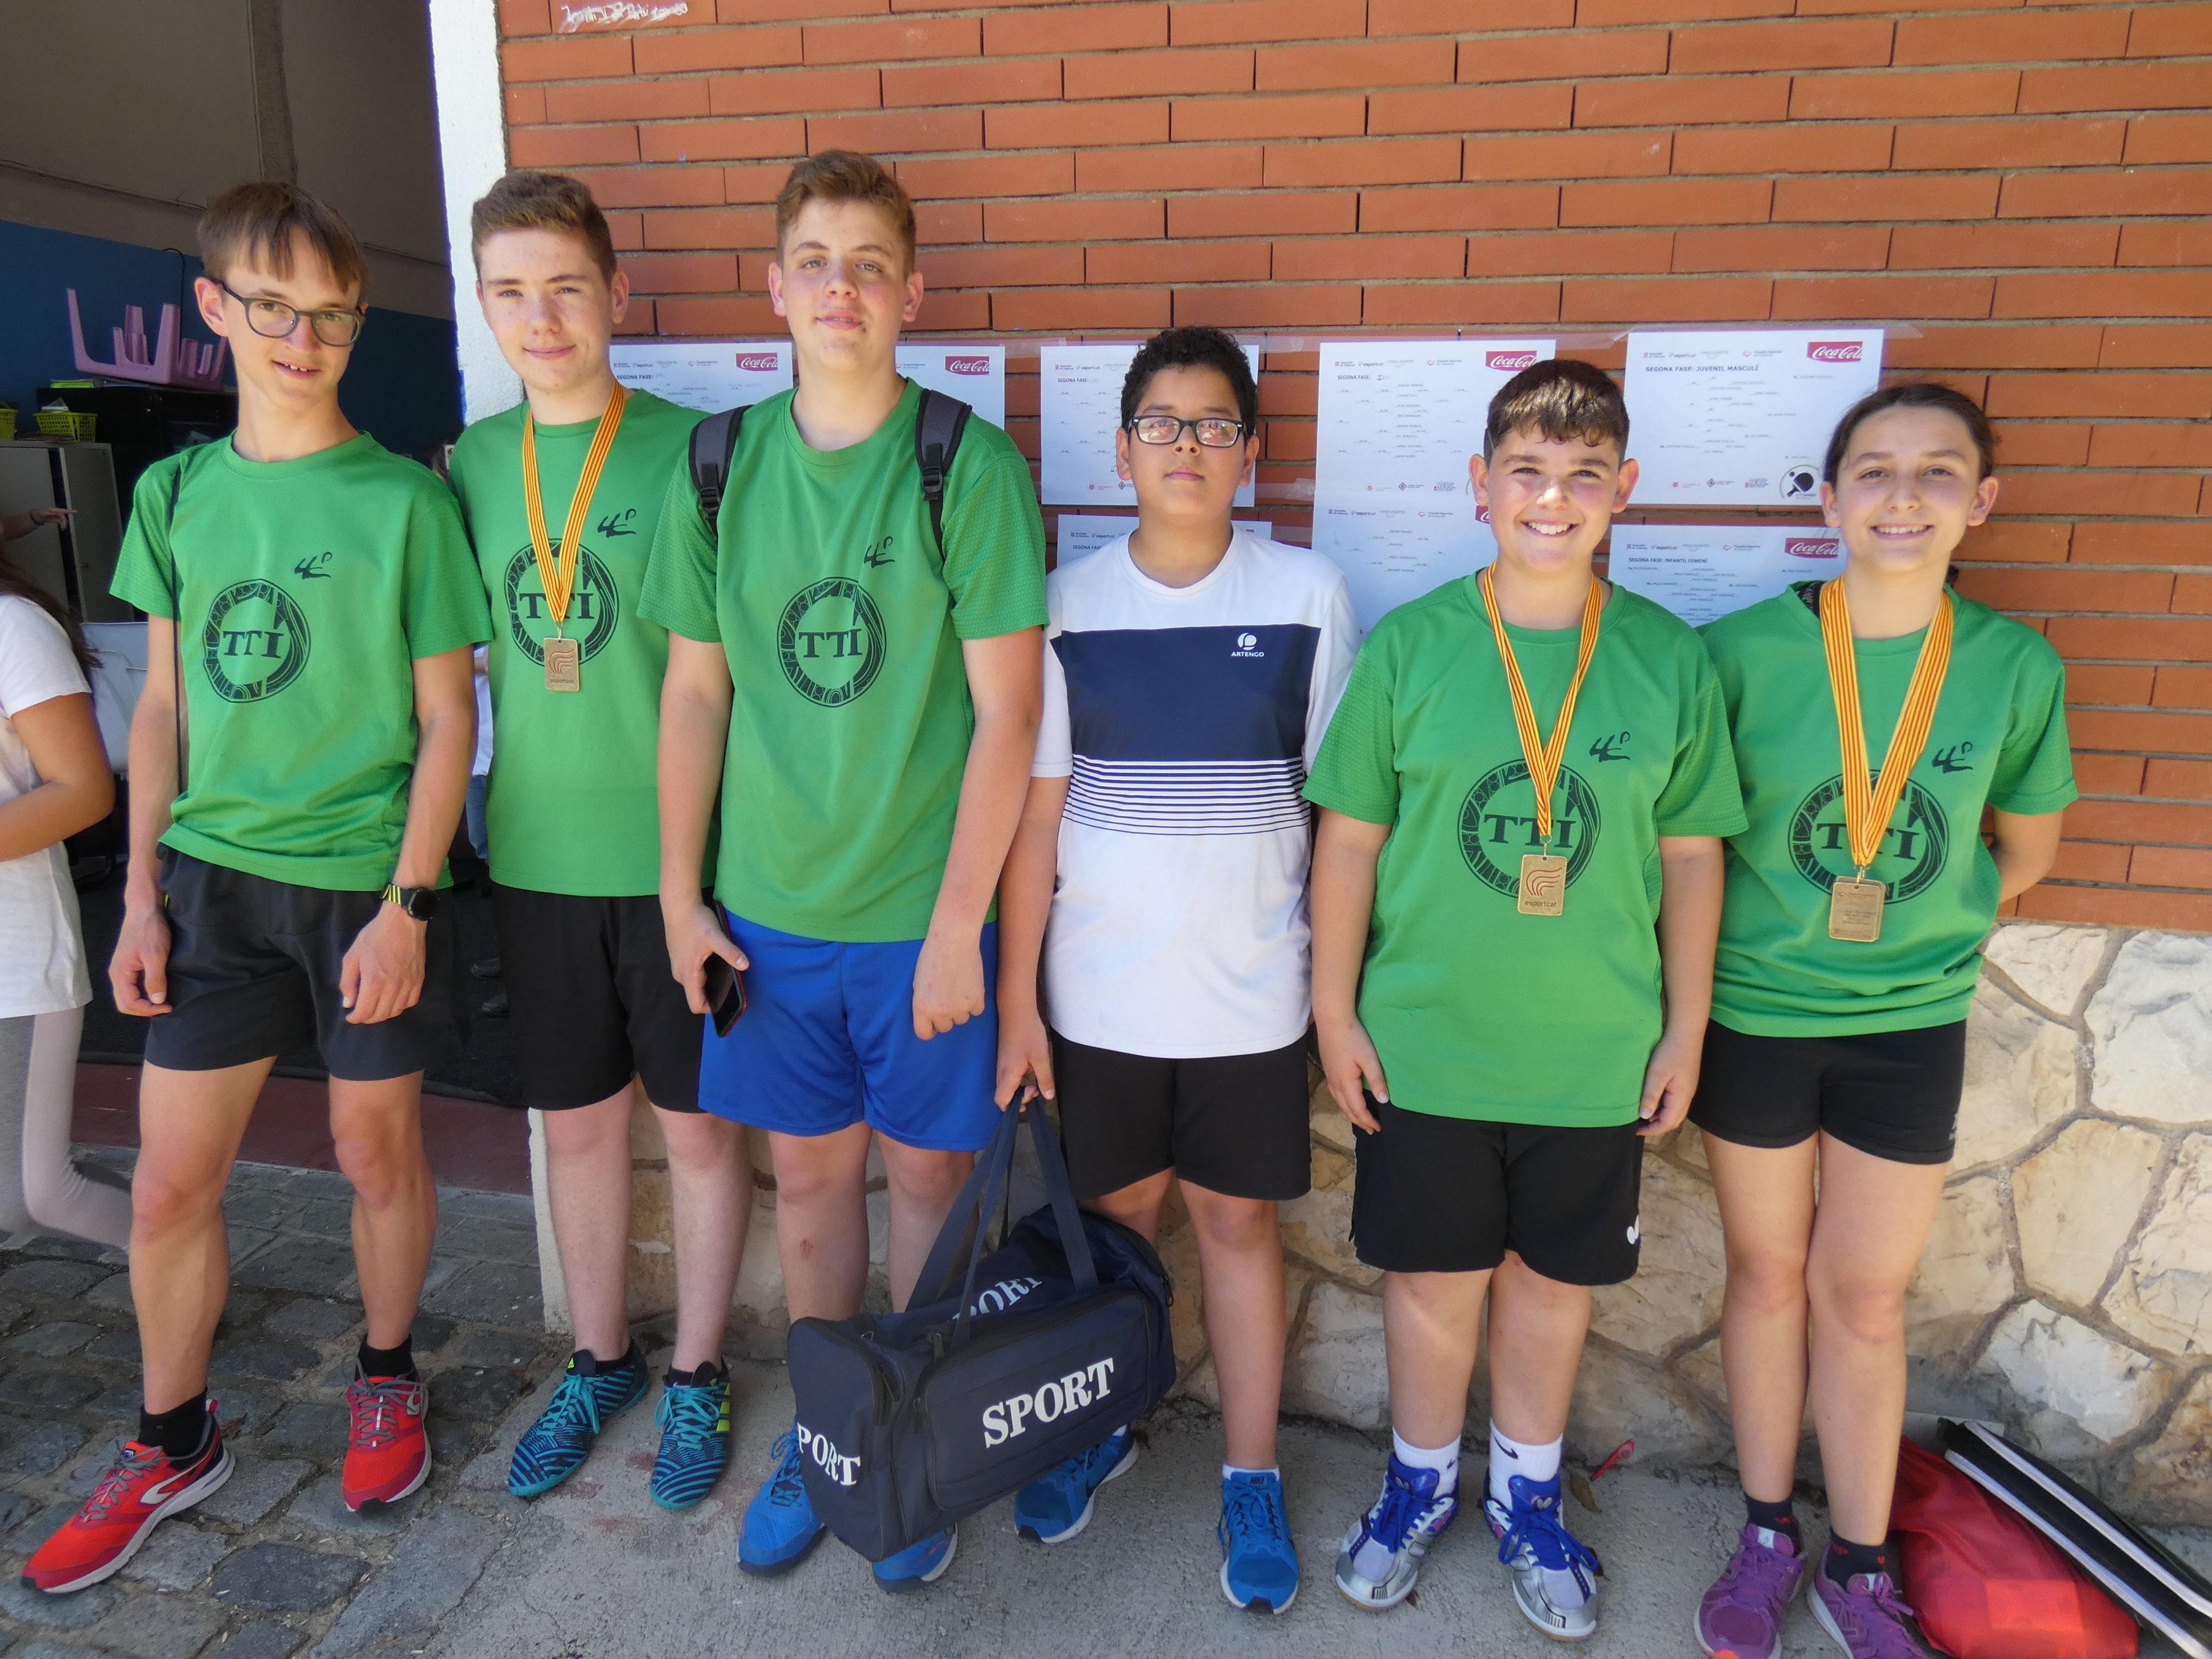 Molt bons resultats dels joves palistes TTI a la Final Nacional dels JEEC